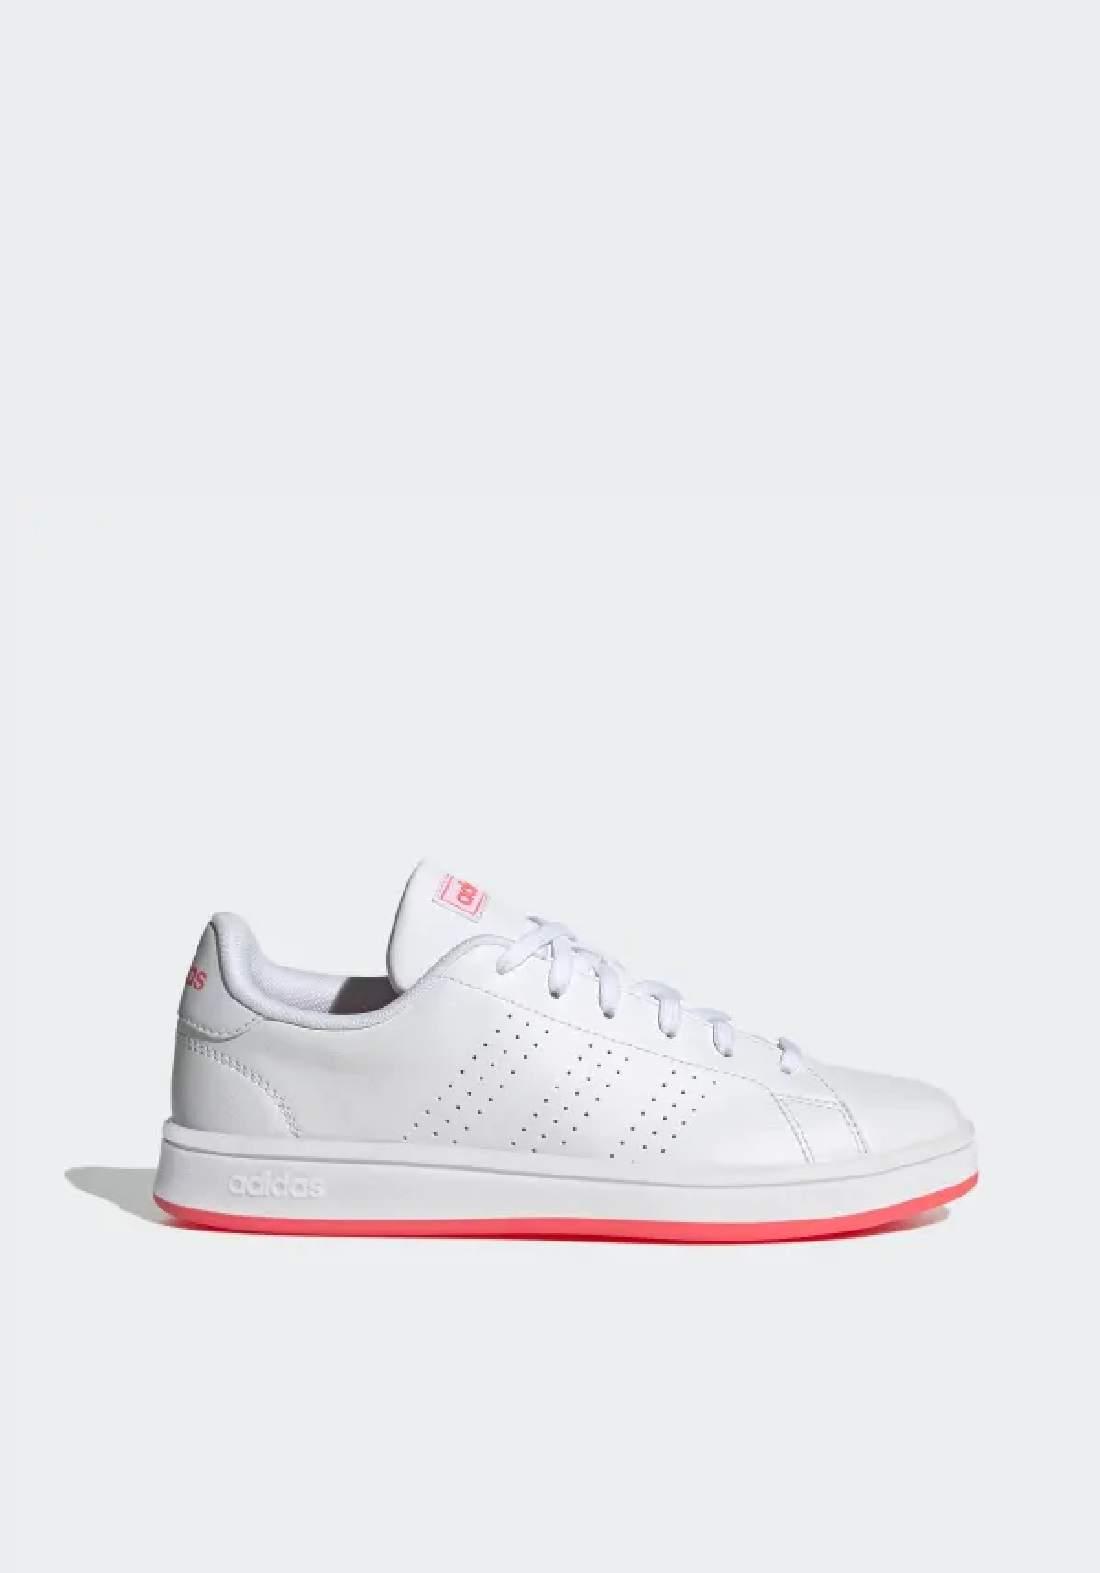 Adidas حذاء نسائي رياضي  ابيض اللون من